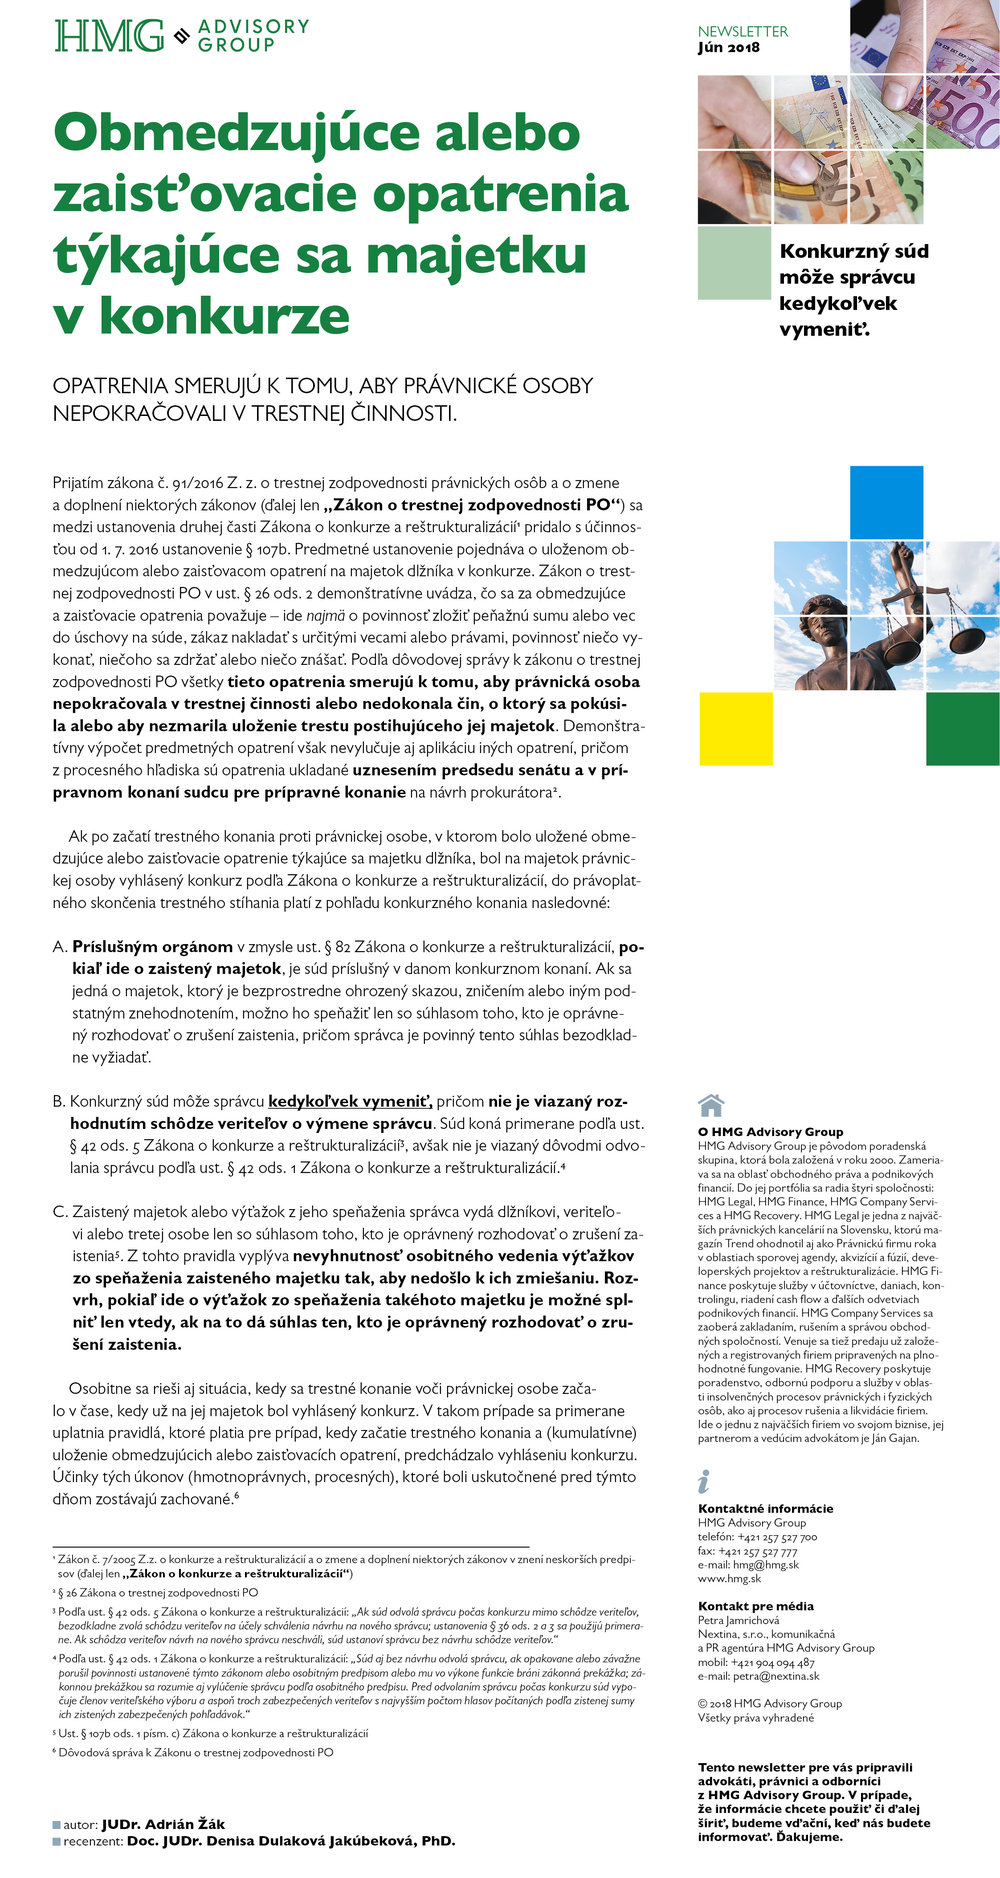 HMG_newsletter_opatrenia.jpg